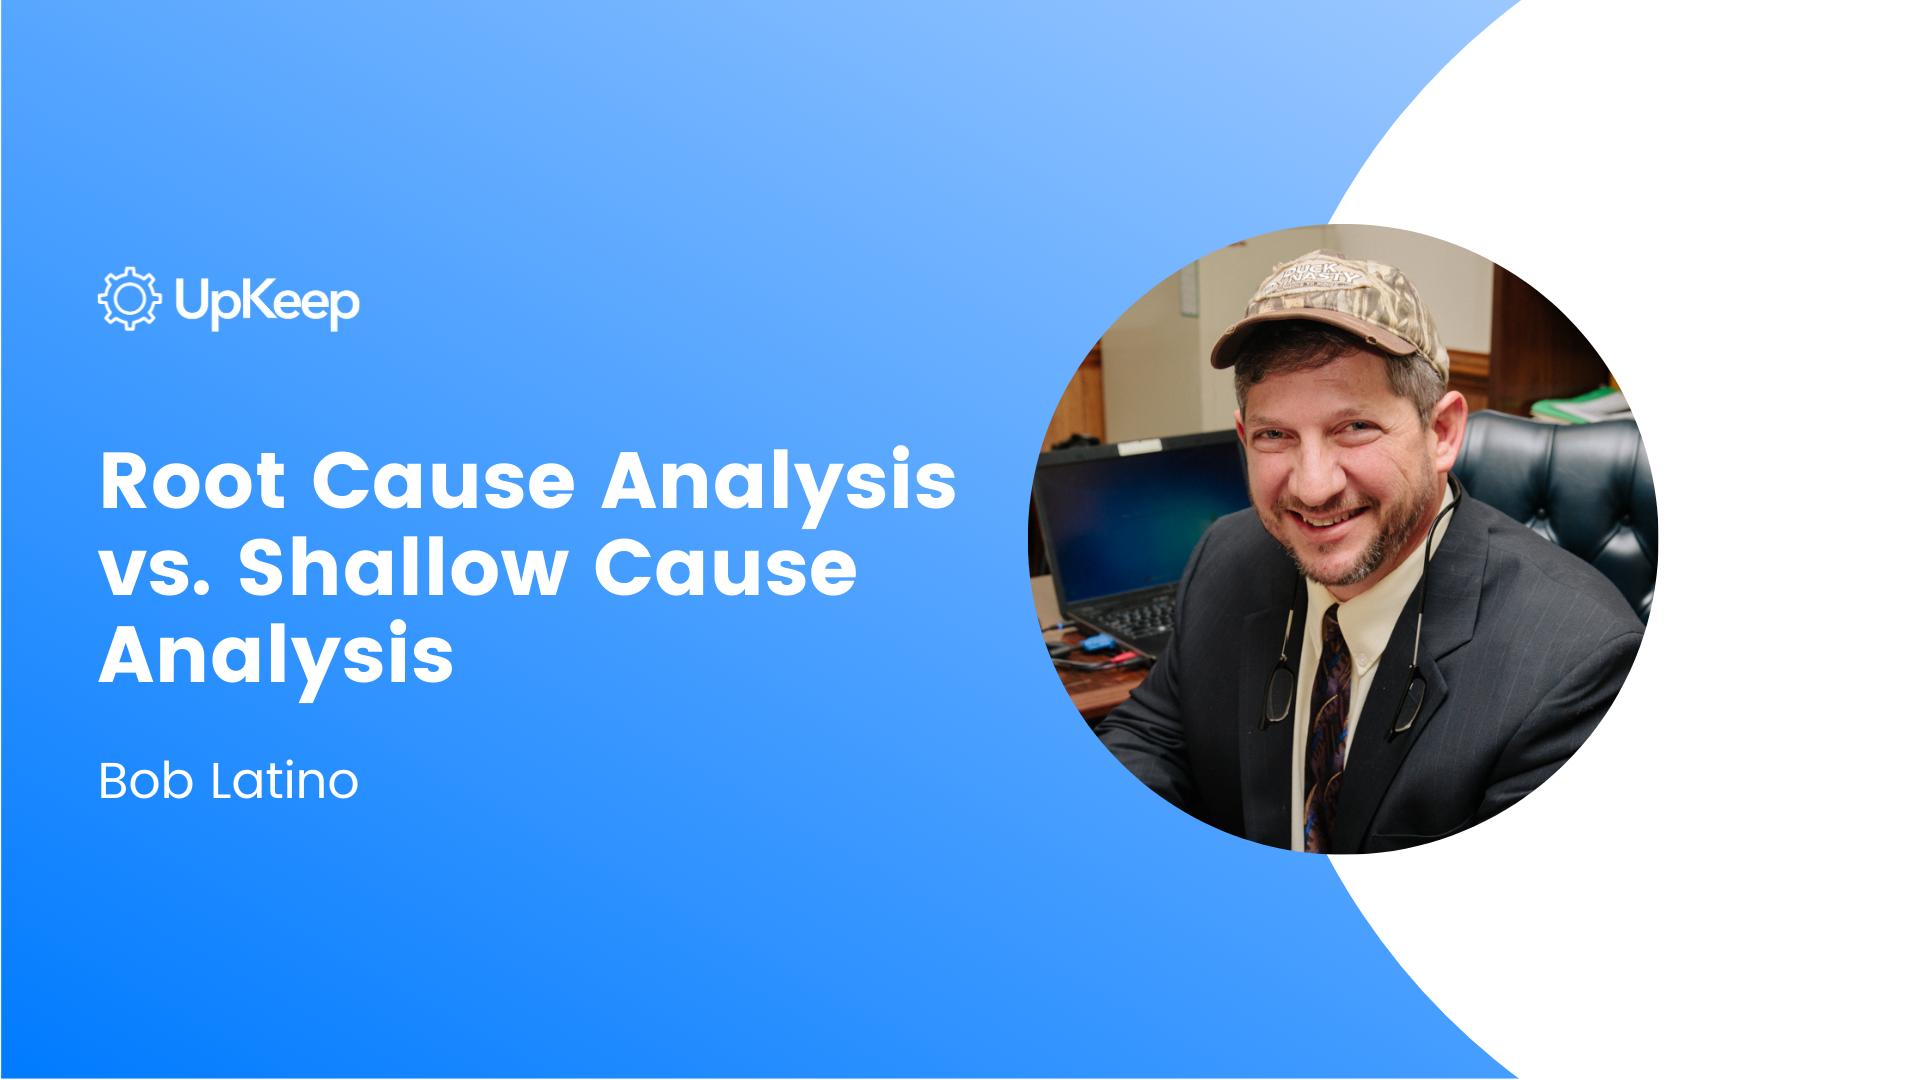 Root Cause Analysis vs. Shallow Cause Analysis